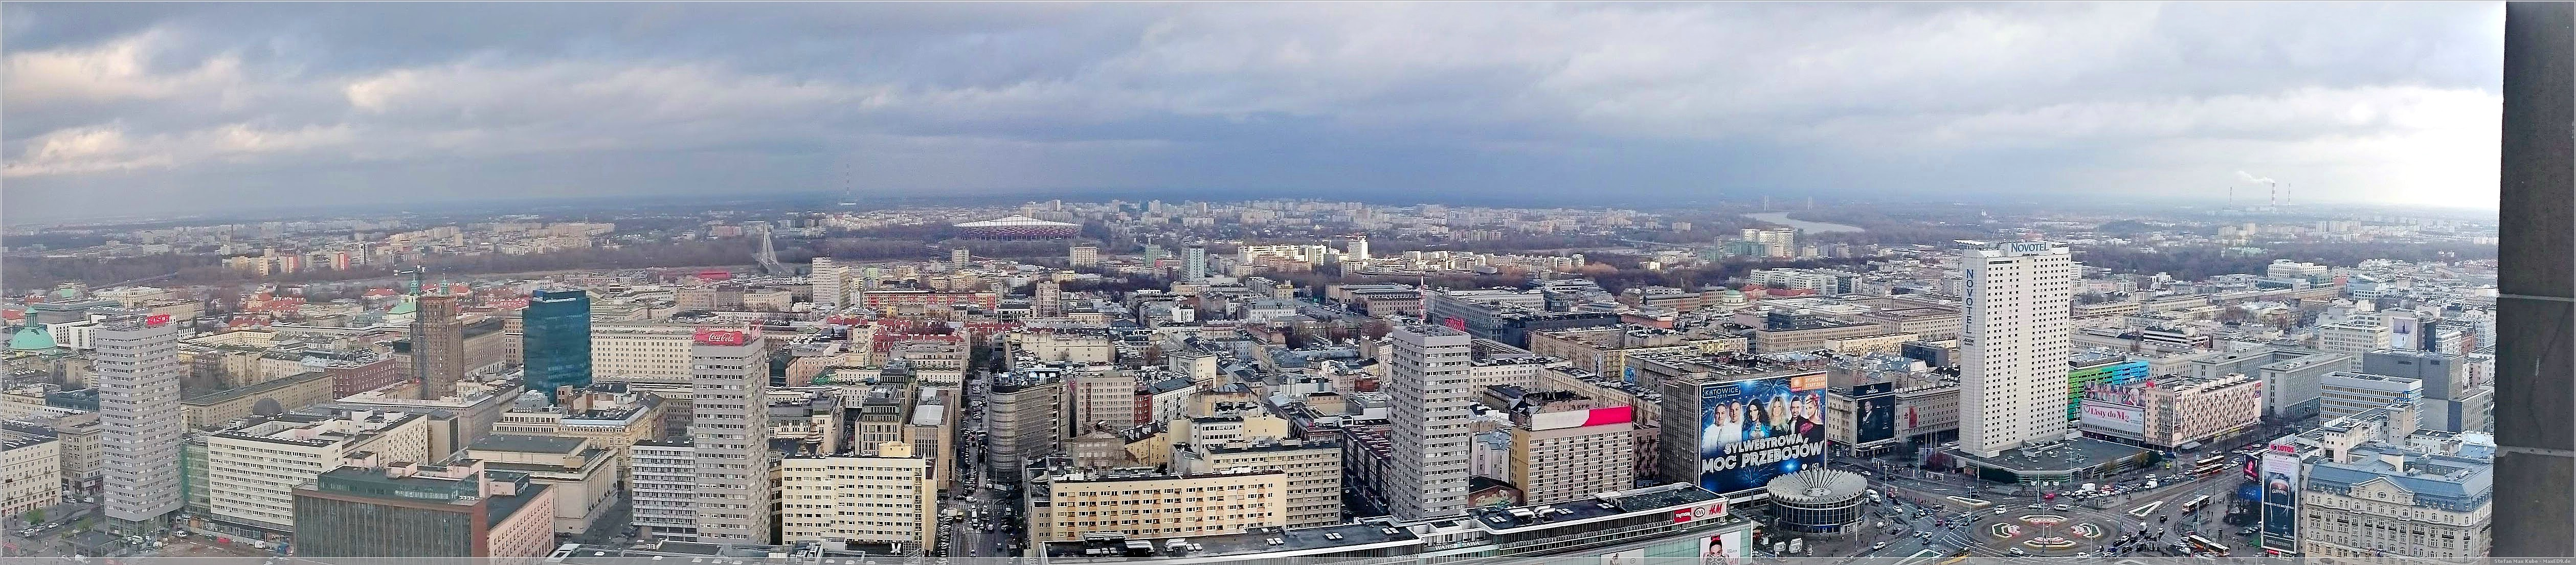 Marszałkowska von oben